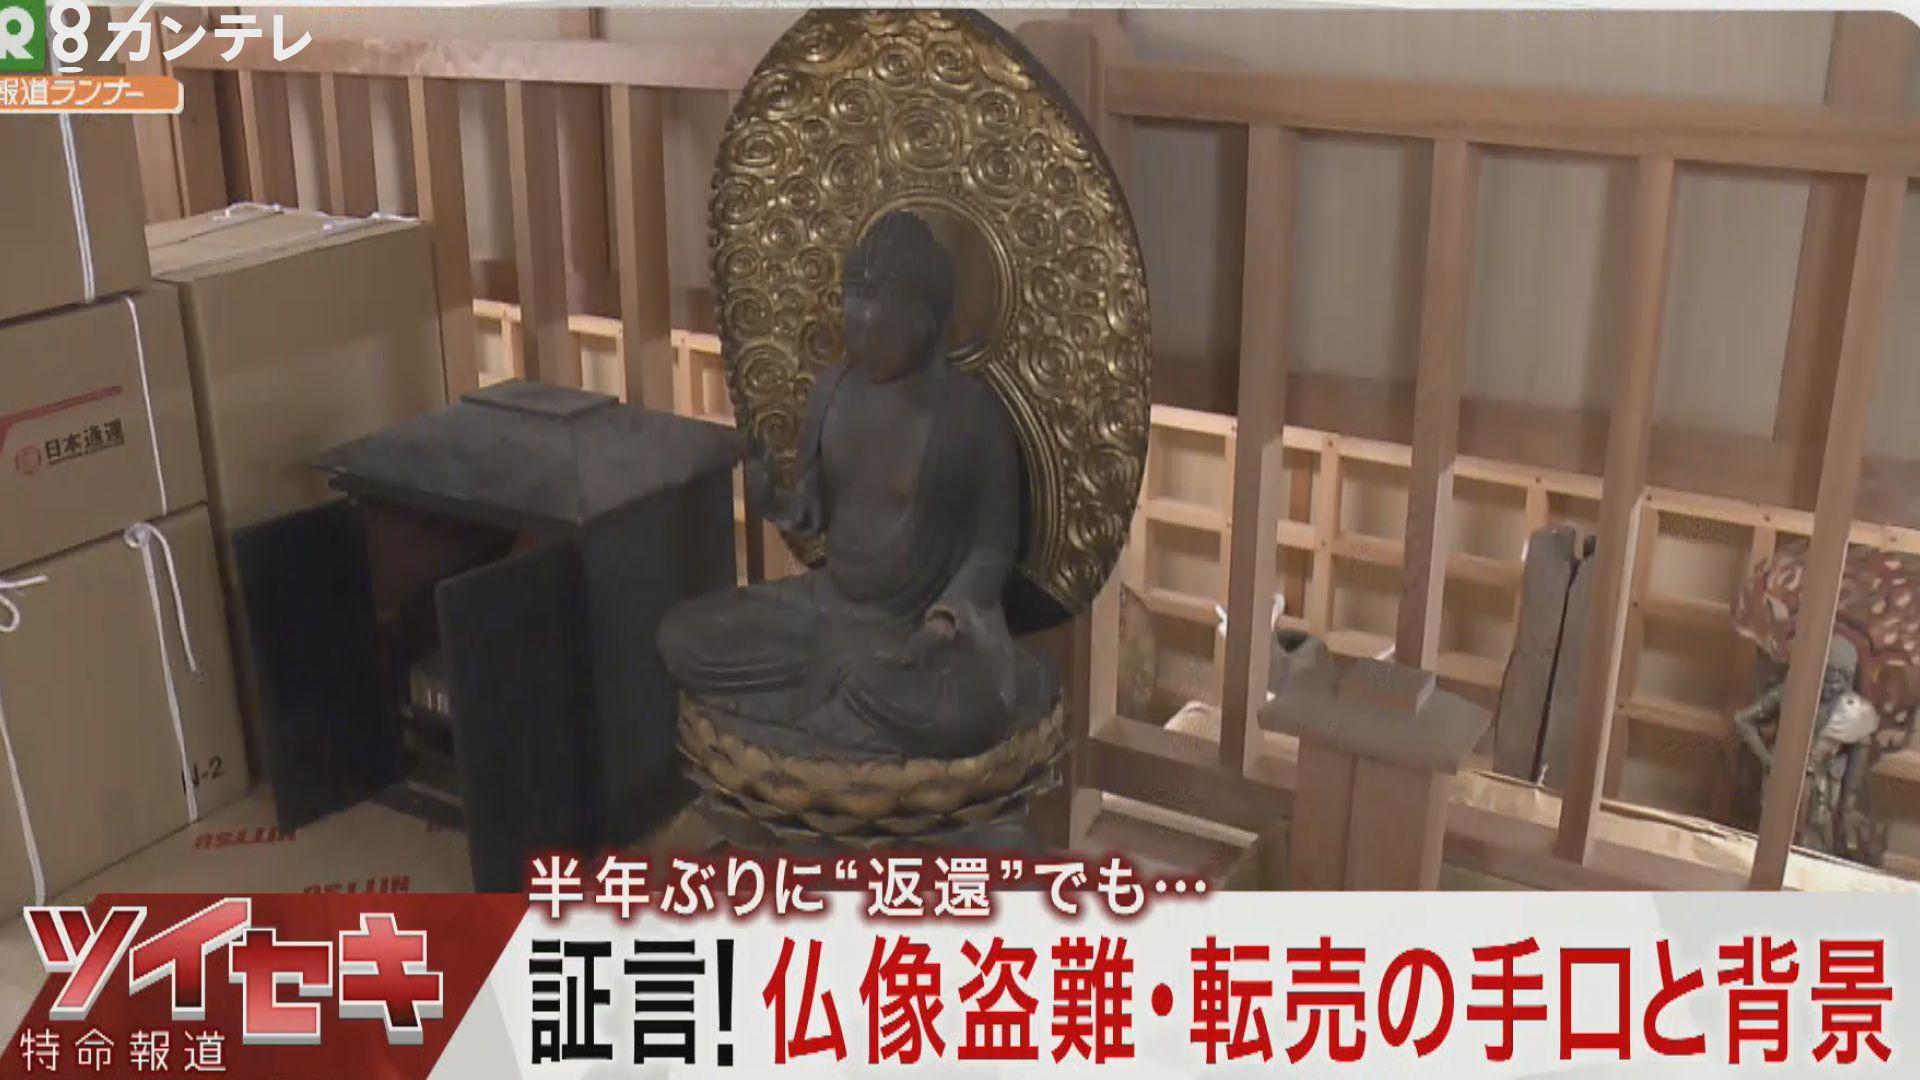 【特命報道ツイセキ】証言!仏像盗難 転売の手口と背景